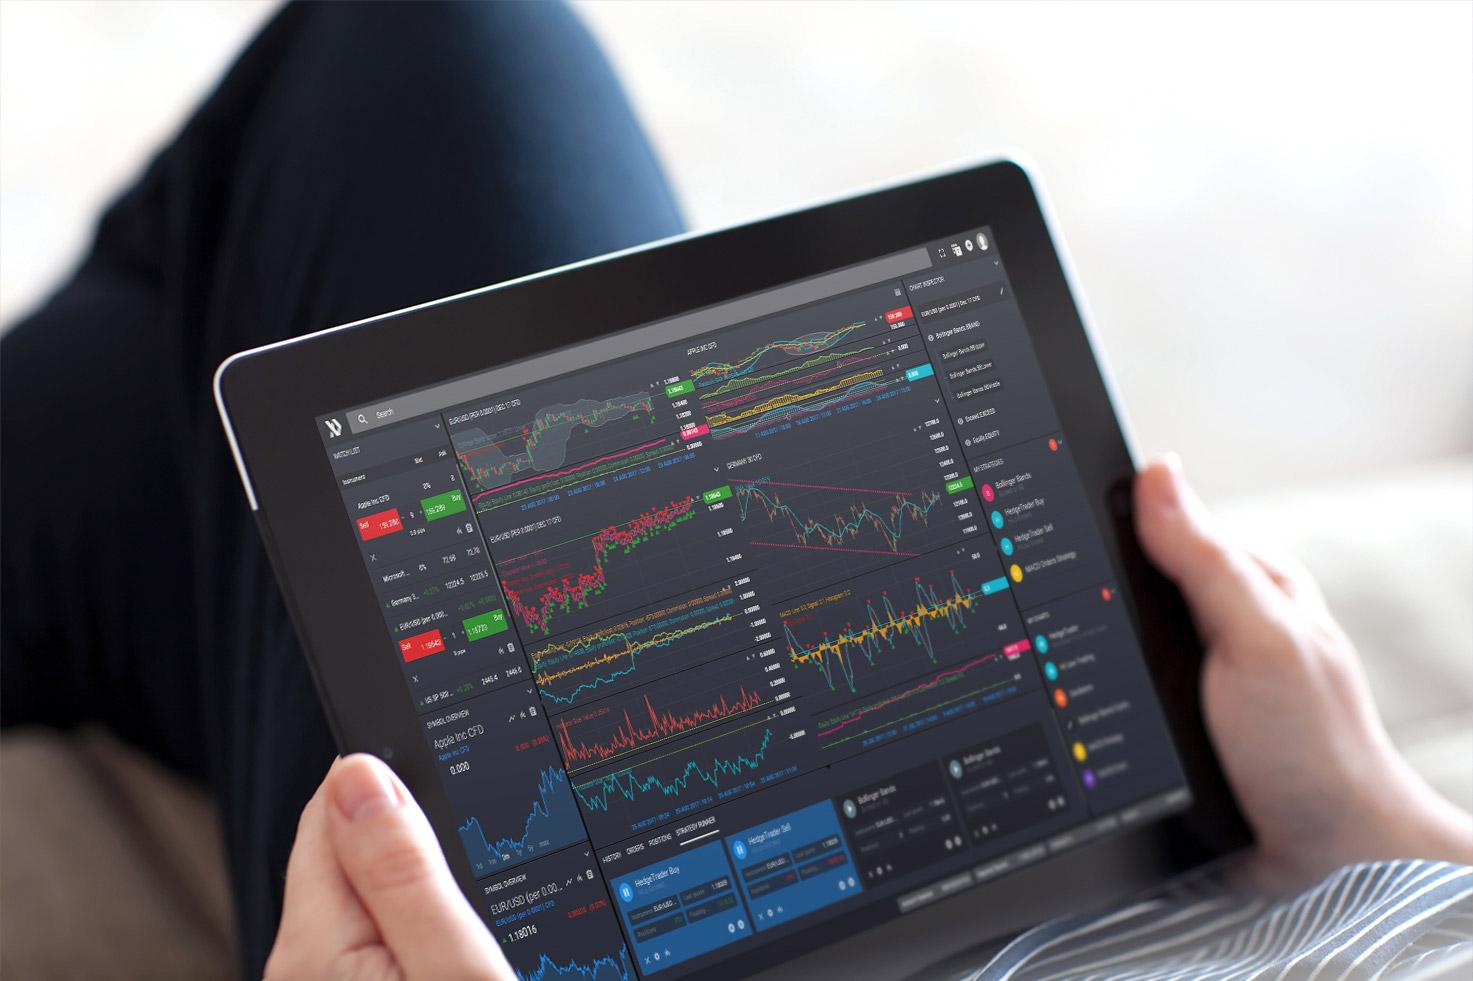 Platforma transakcyjna Exeria, Bitcoin Ethereum, Crypto, Kryptowaluty, Gold, złoto, akcje, stocks